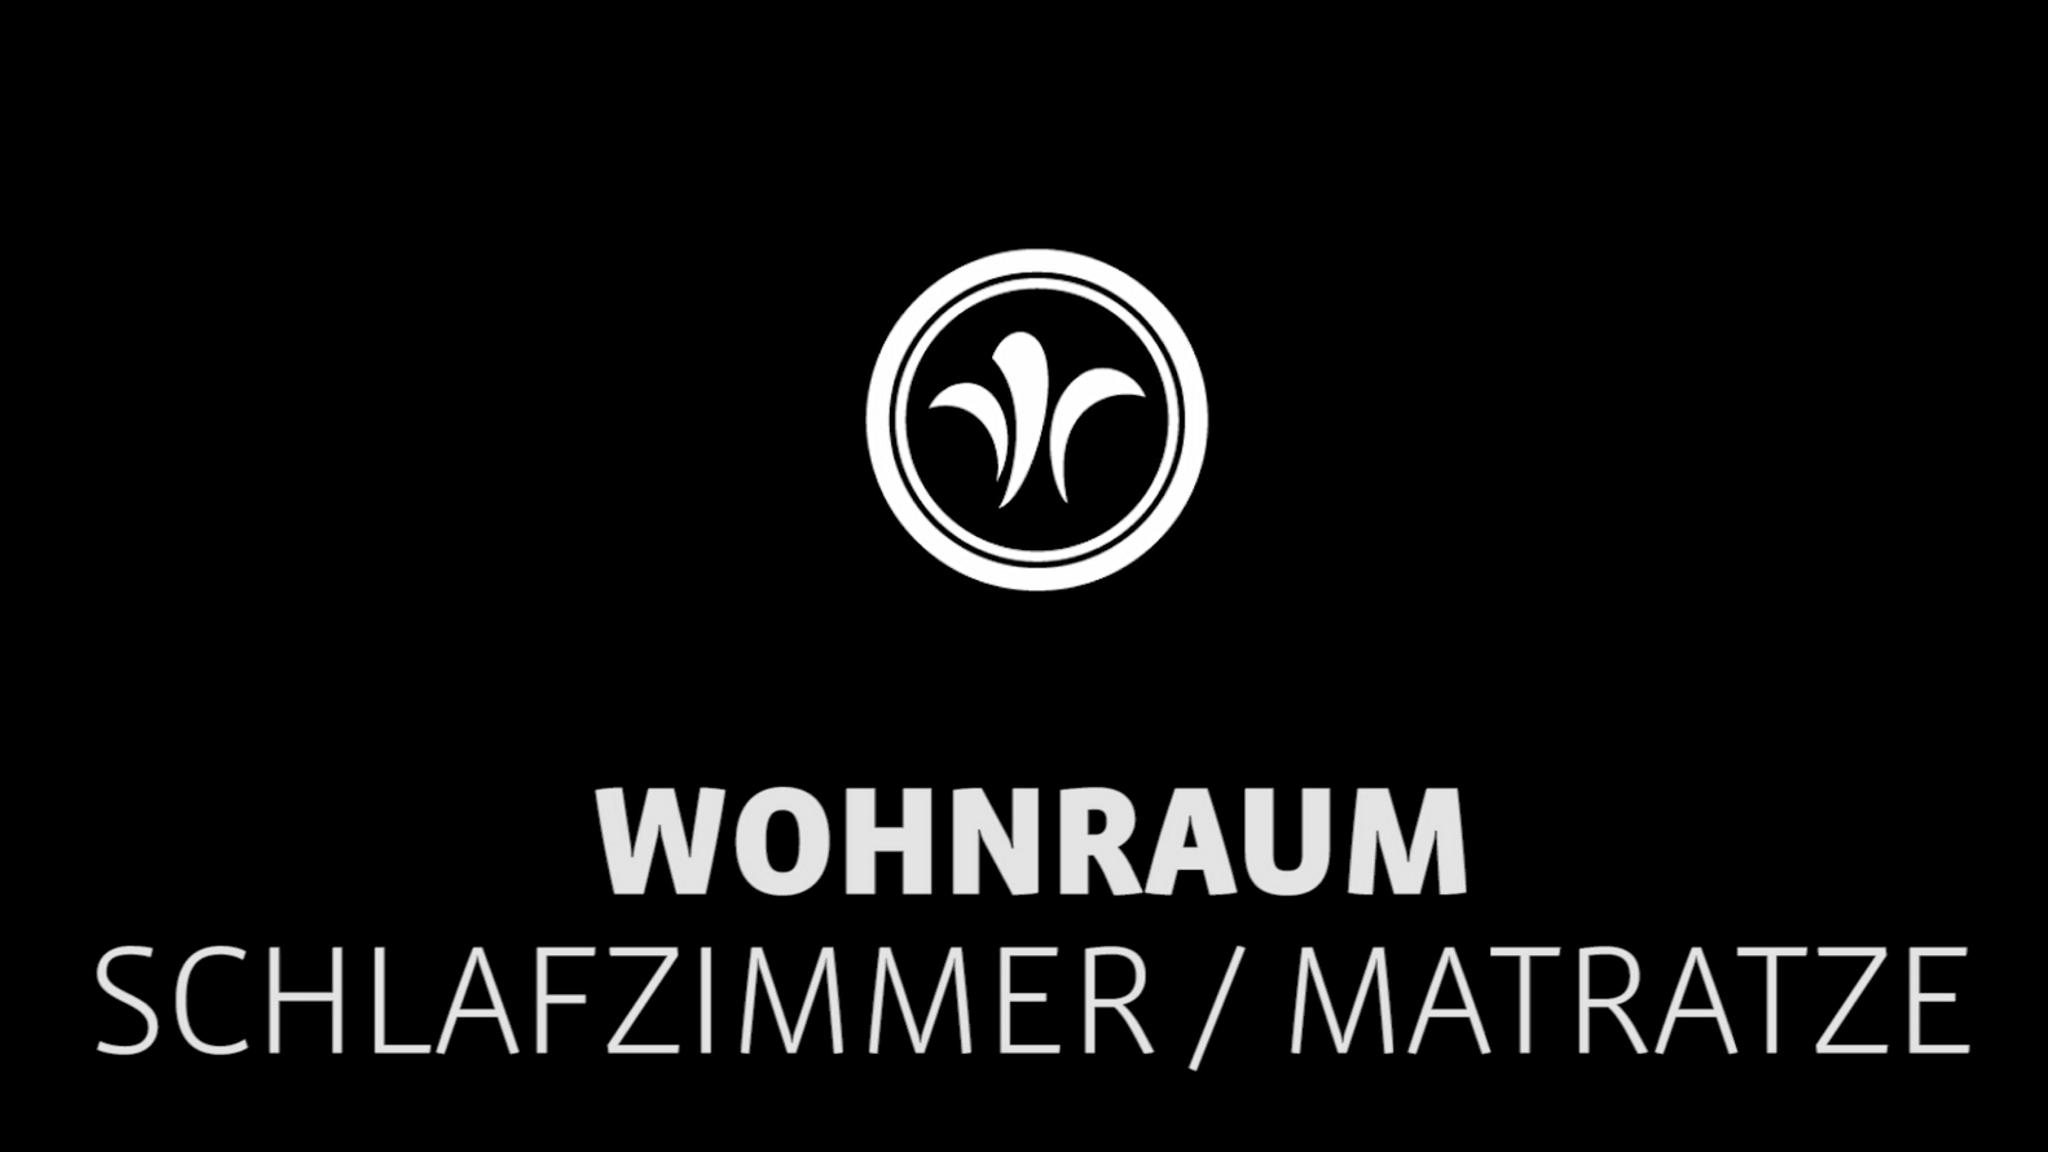 Wohnmobil Matratze im Schlafzimmer // Niesmann+Bischoff – Reisemobil (Modell ARTO) // 2019 // WO1